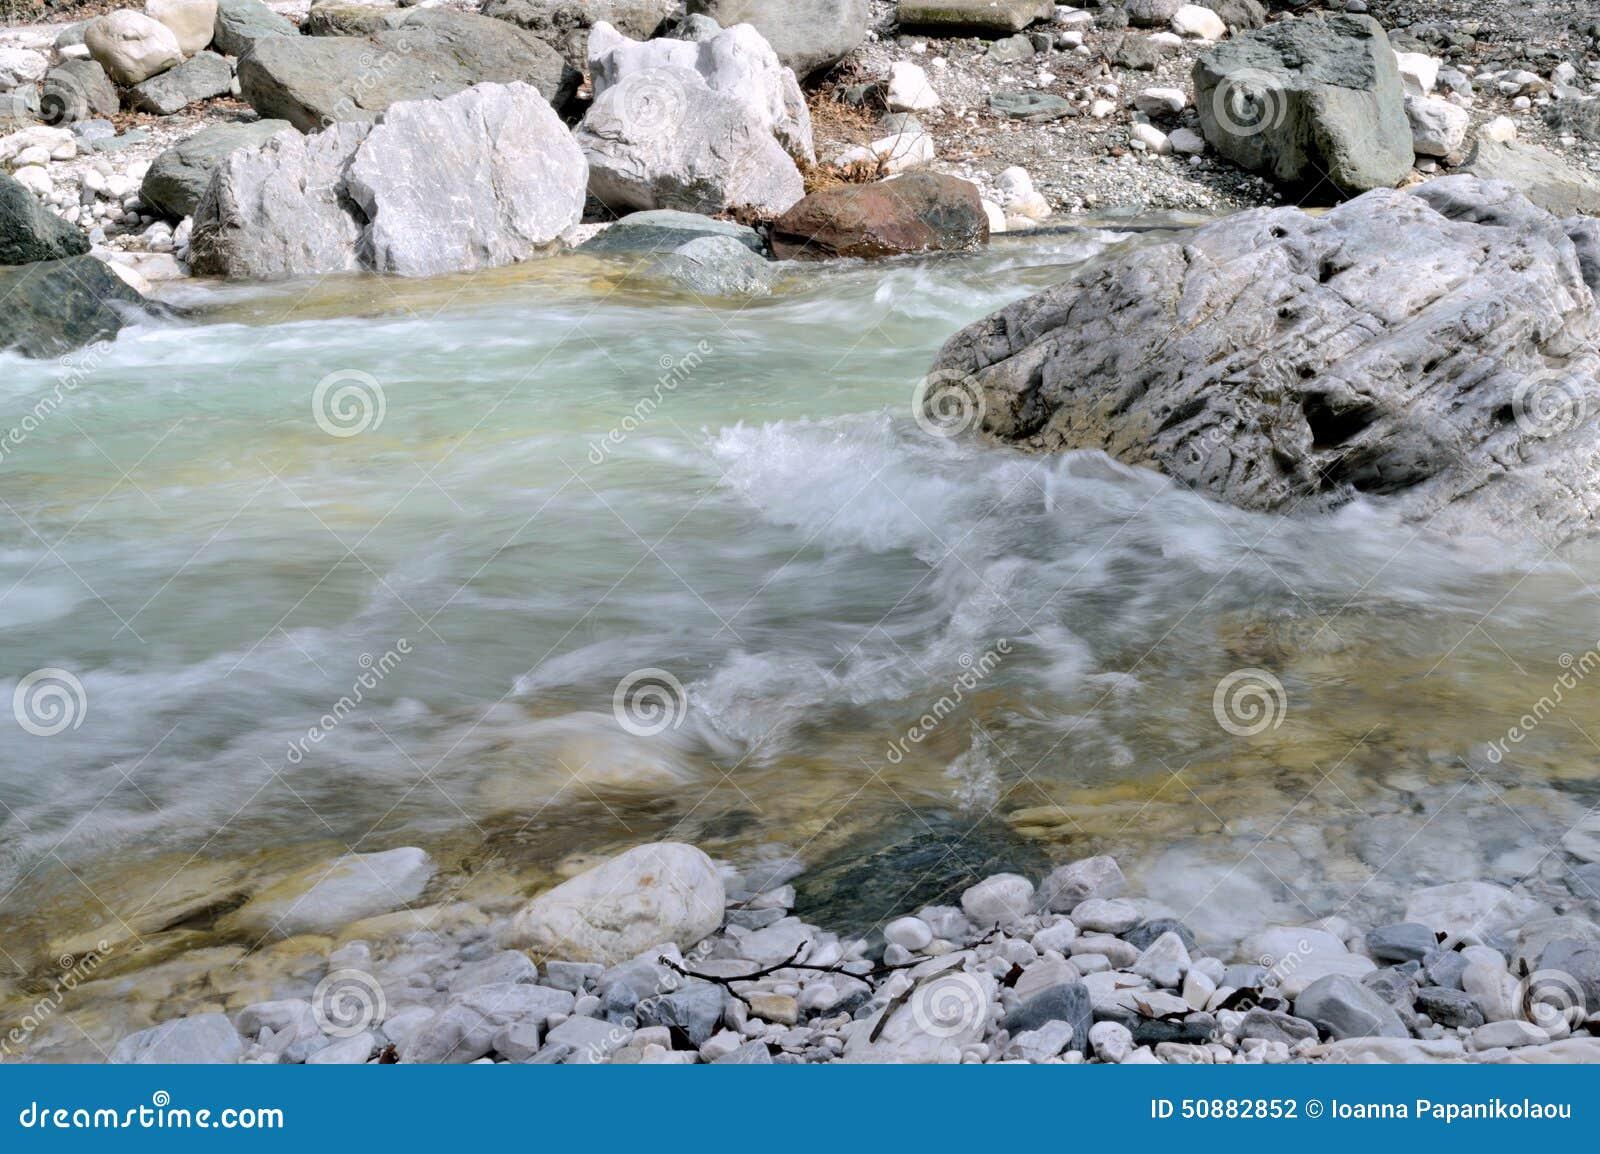 capture streams: